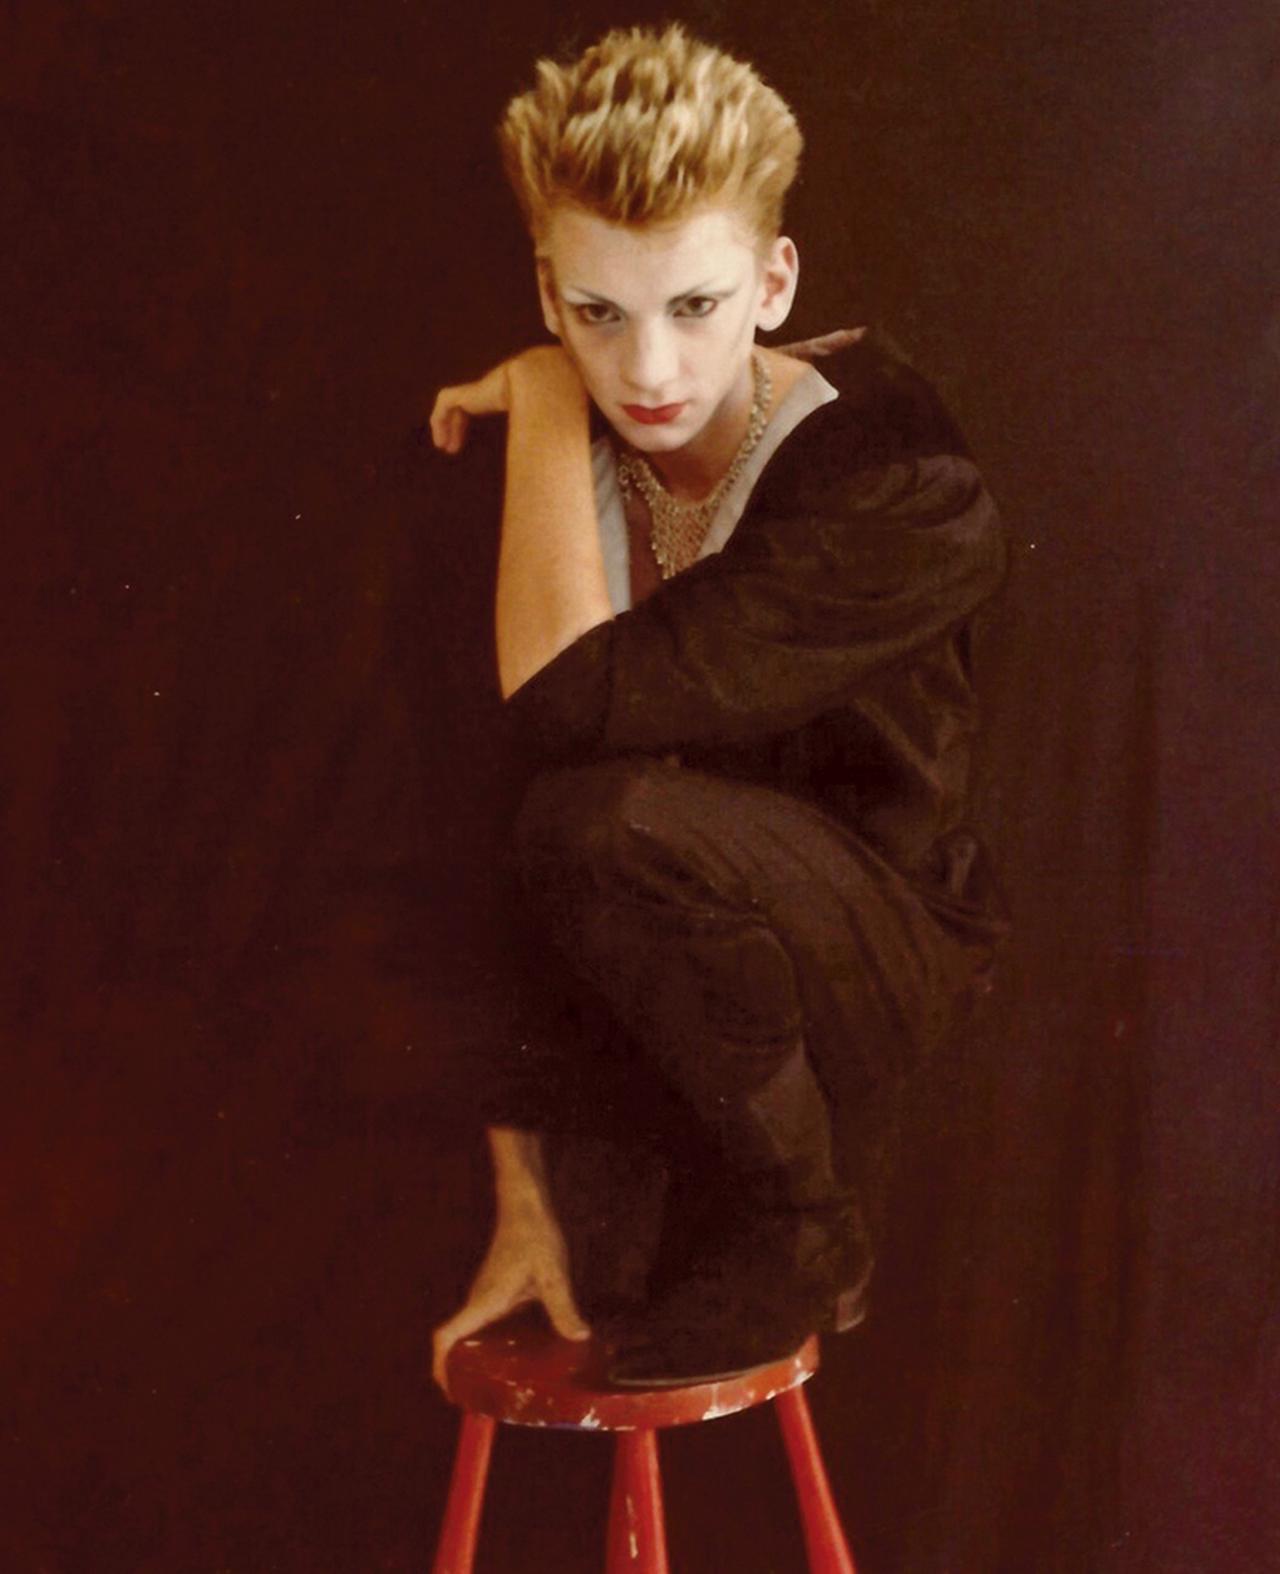 Images : 8番目の画像 - 「マックスマーラの イアン・グリフィスが愛するもの」のアルバム - T JAPAN:The New York Times Style Magazine 公式サイト